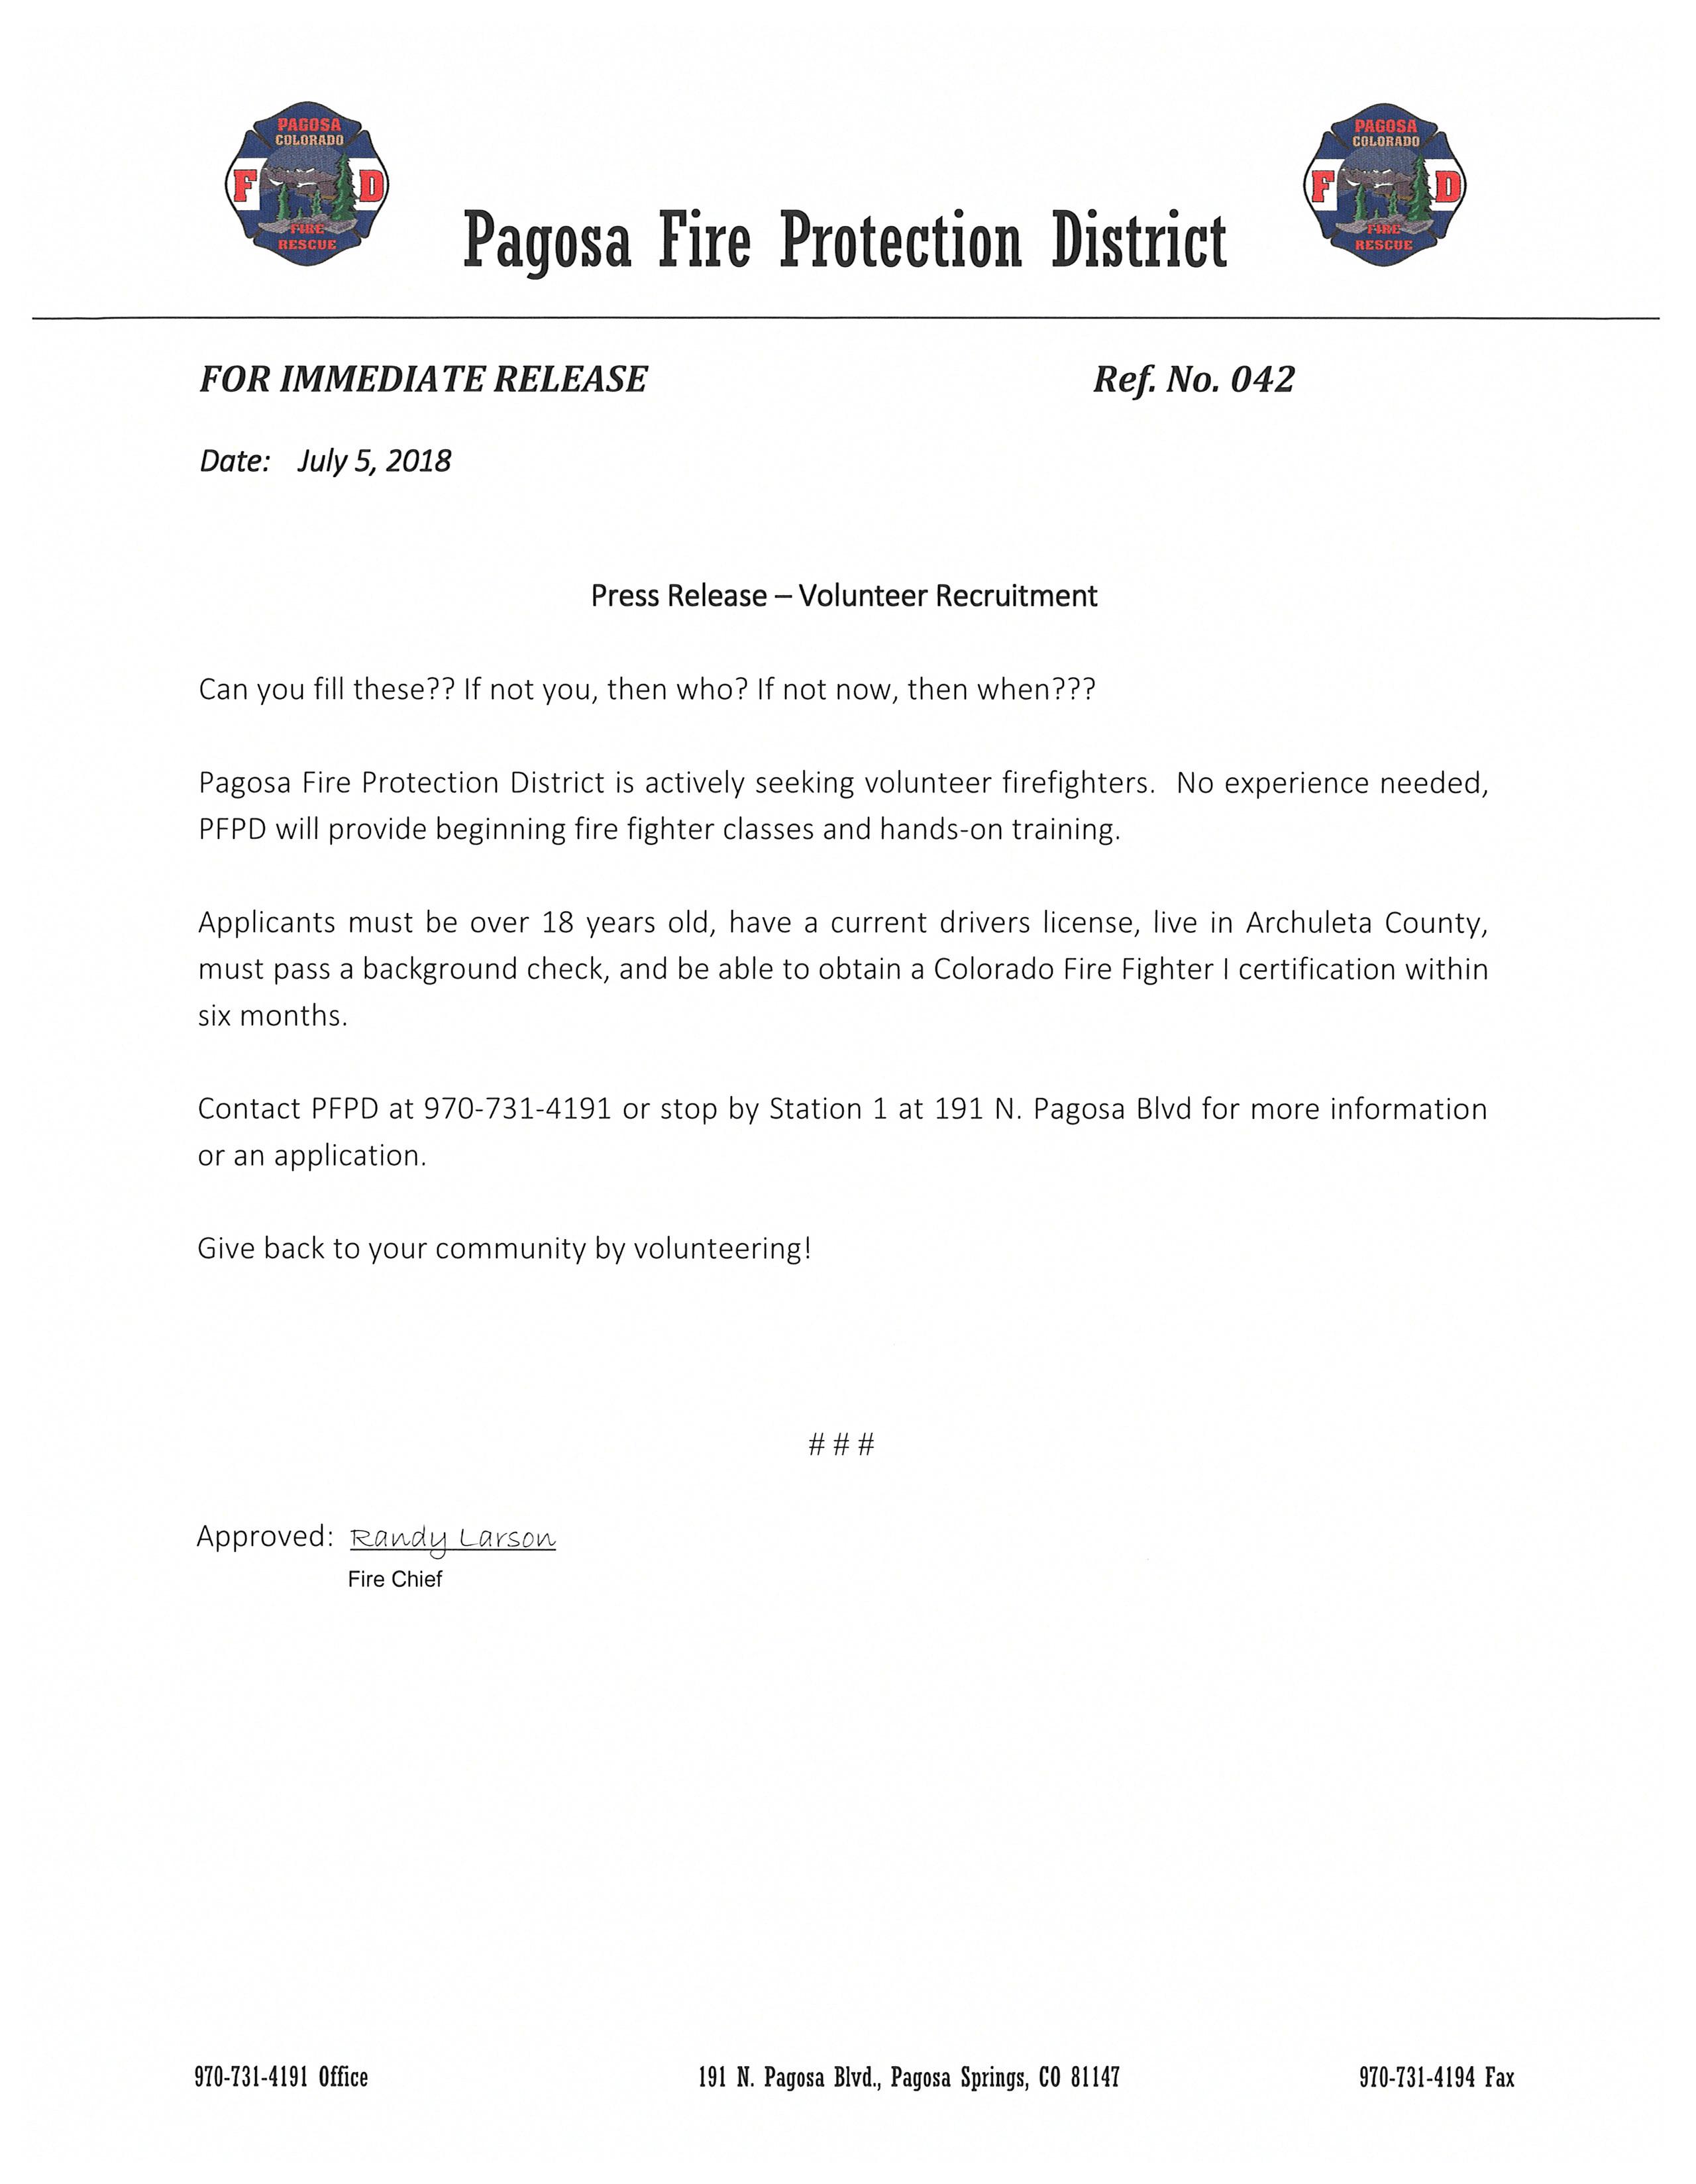 Press Release 042